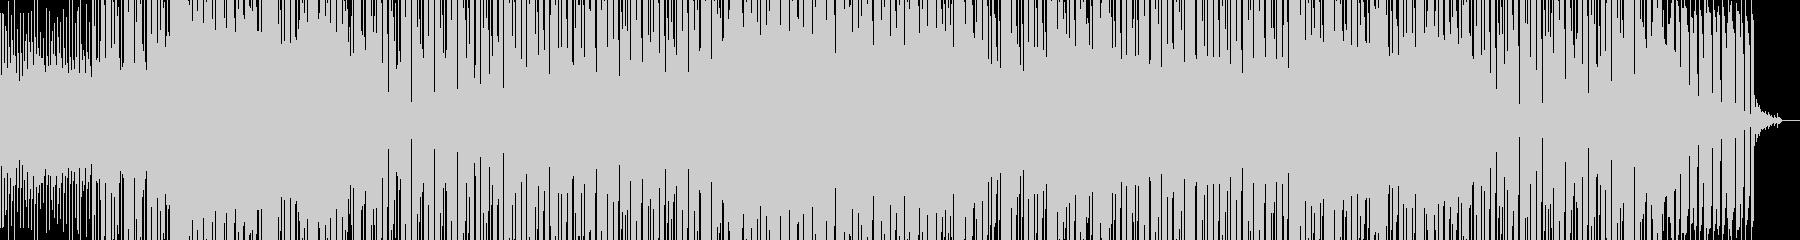 切ないリフが印象的なダンス曲の未再生の波形